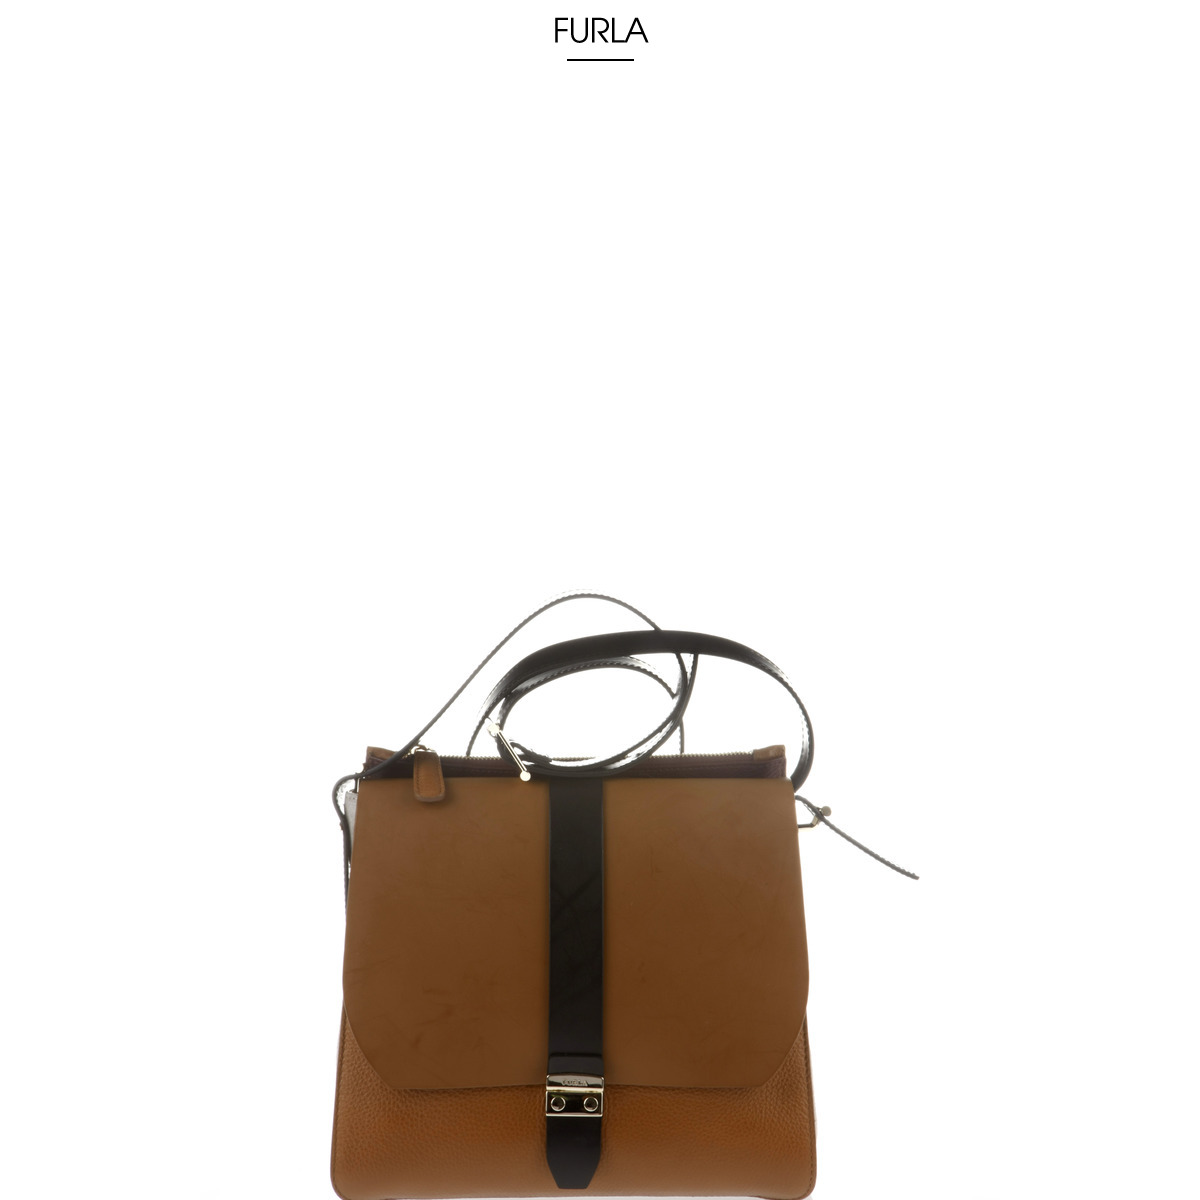 FURLA/芙拉 代购 女士新款时尚简约单肩斜挎包 783042